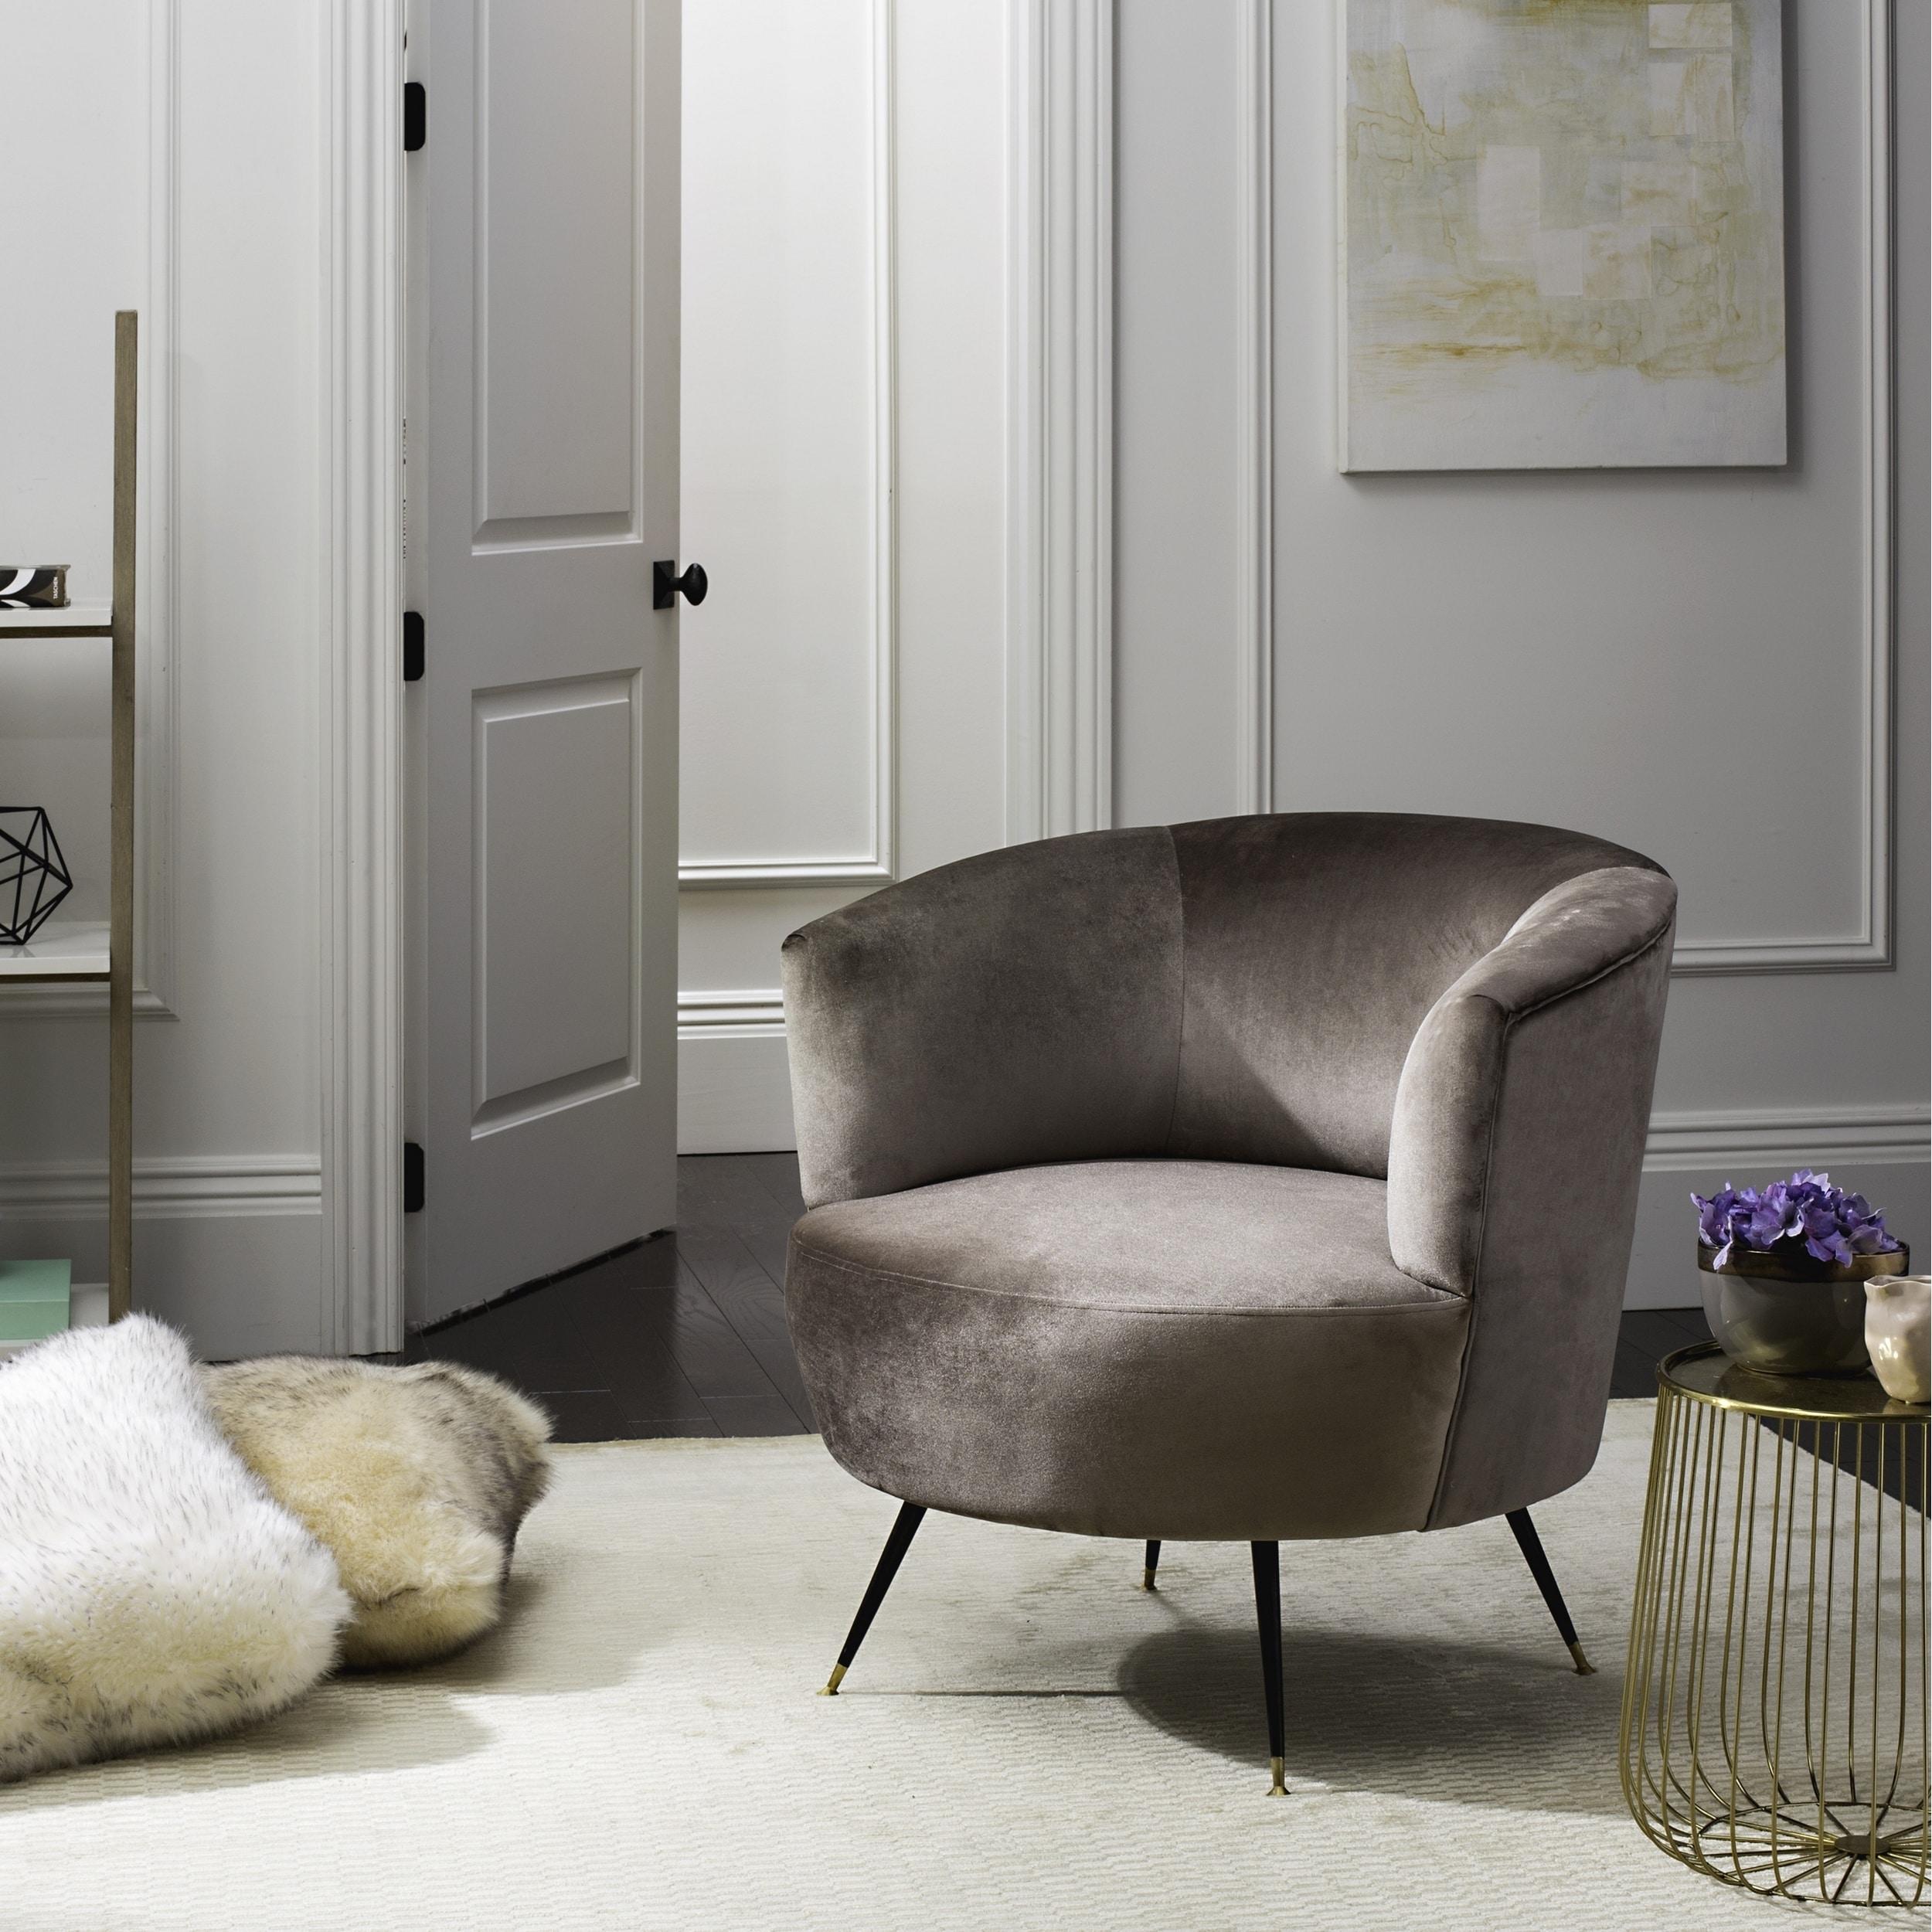 Safavieh mid century modern retro arlette velvet hazelwood club chair